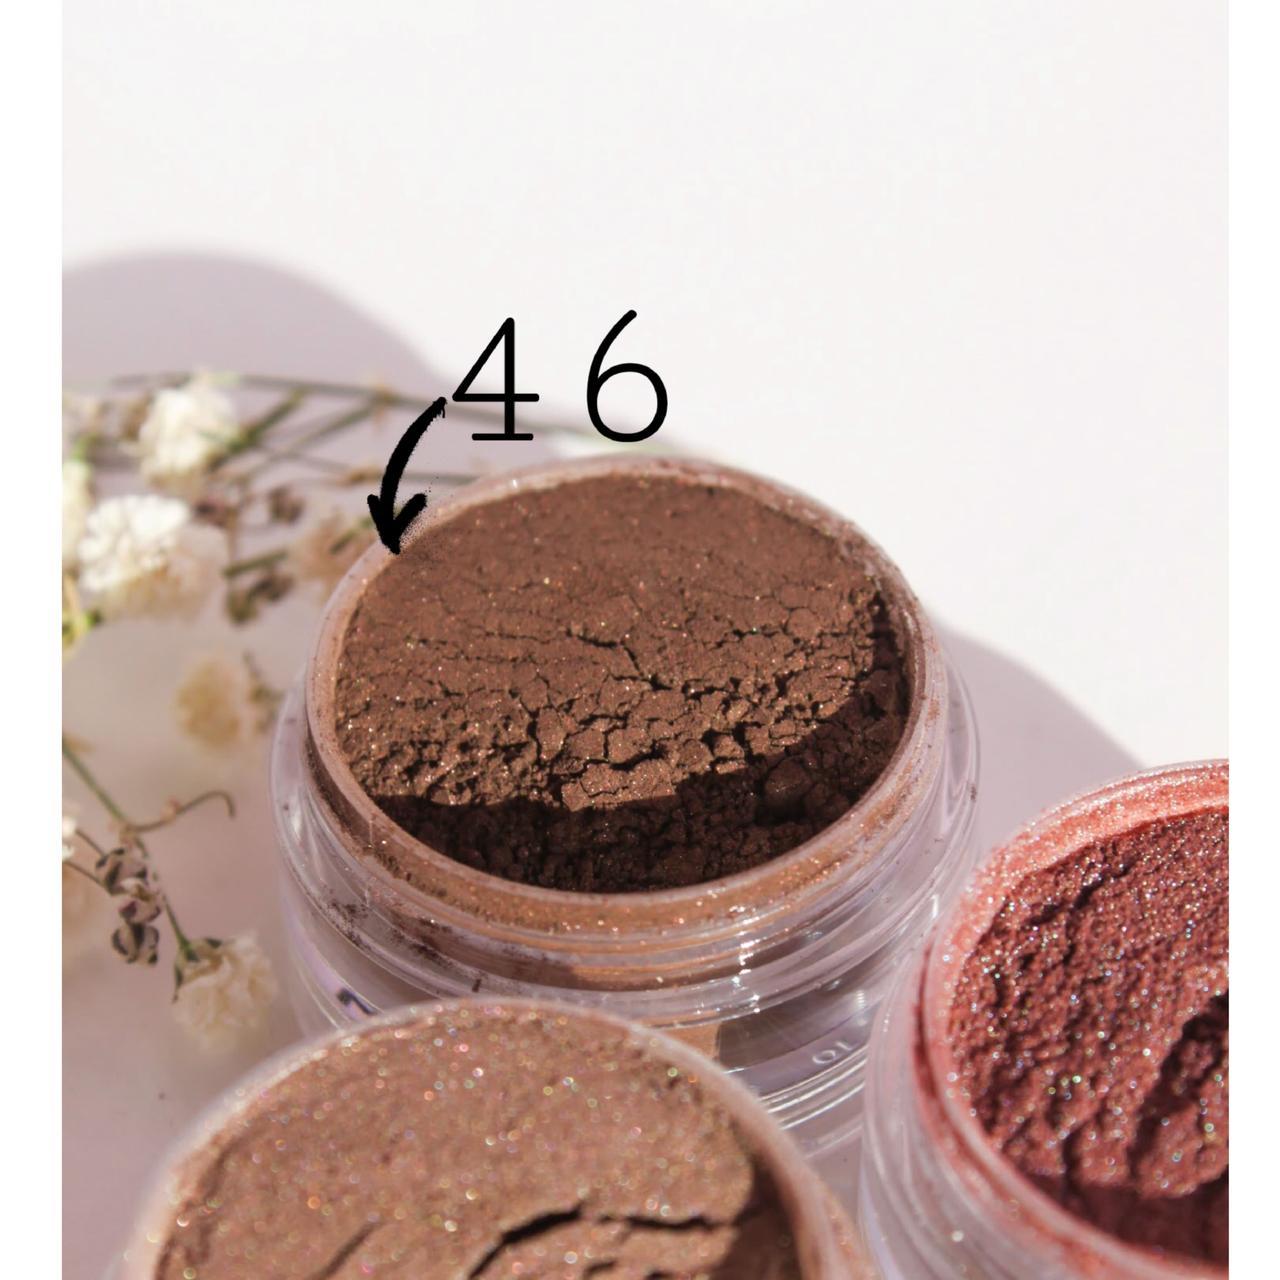 Тени для век  Швейцарский шоколад(46 тон) 5 мл - рассыпчатые из природных минералов, в палитре 54 оттенка!